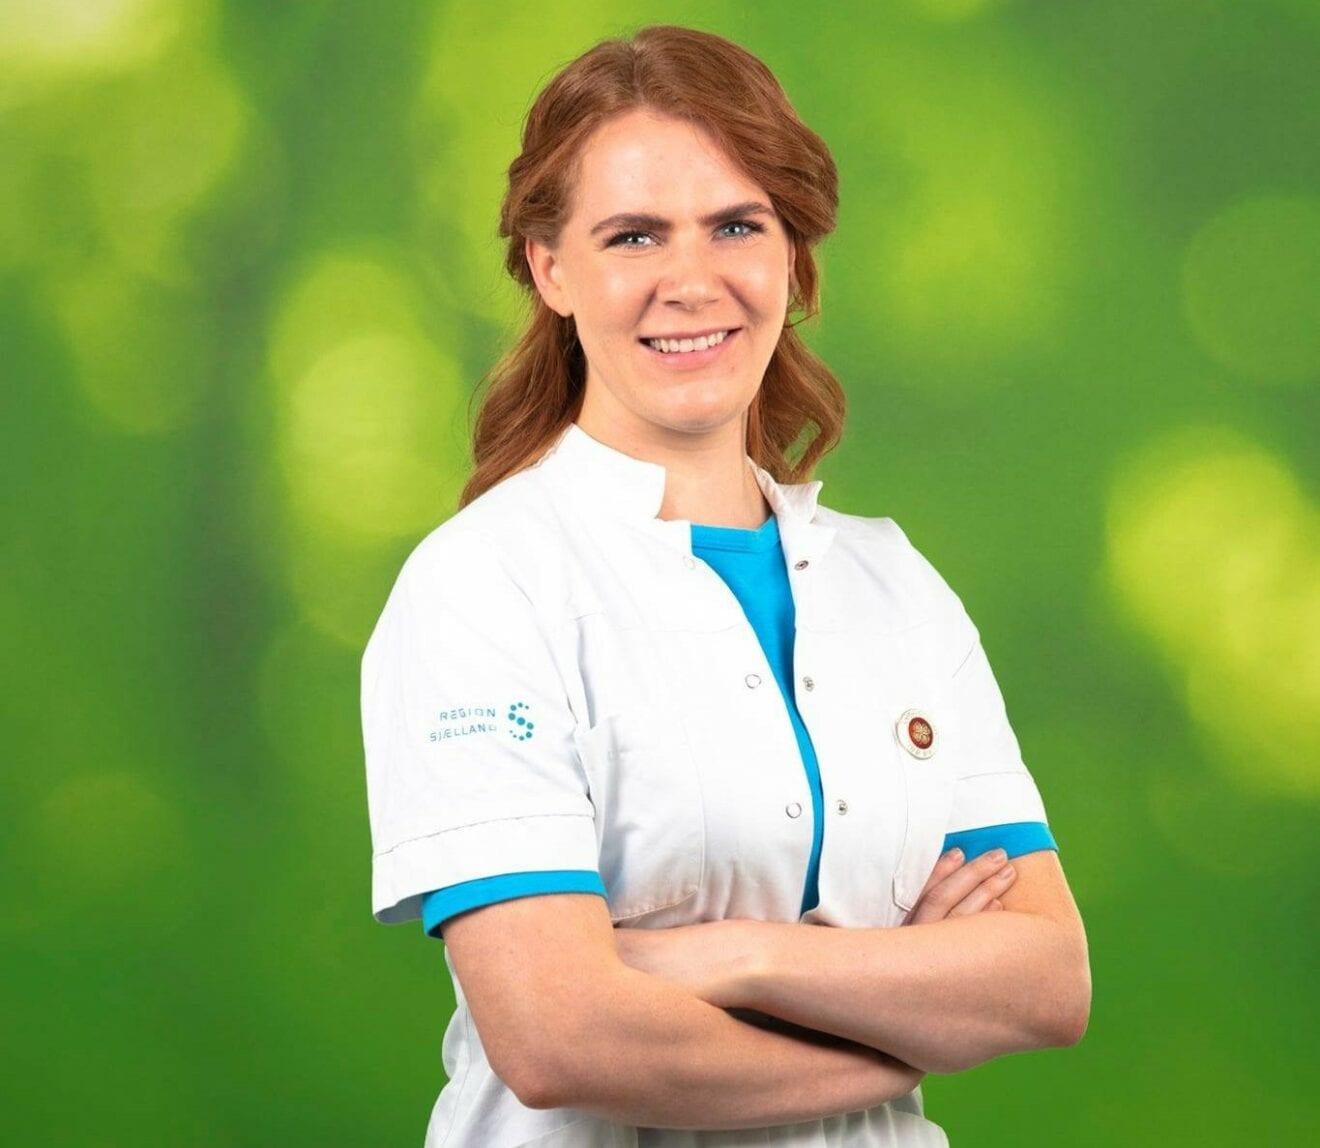 Sygeplejerske og byrådsmedlem vil i Regionsrådet